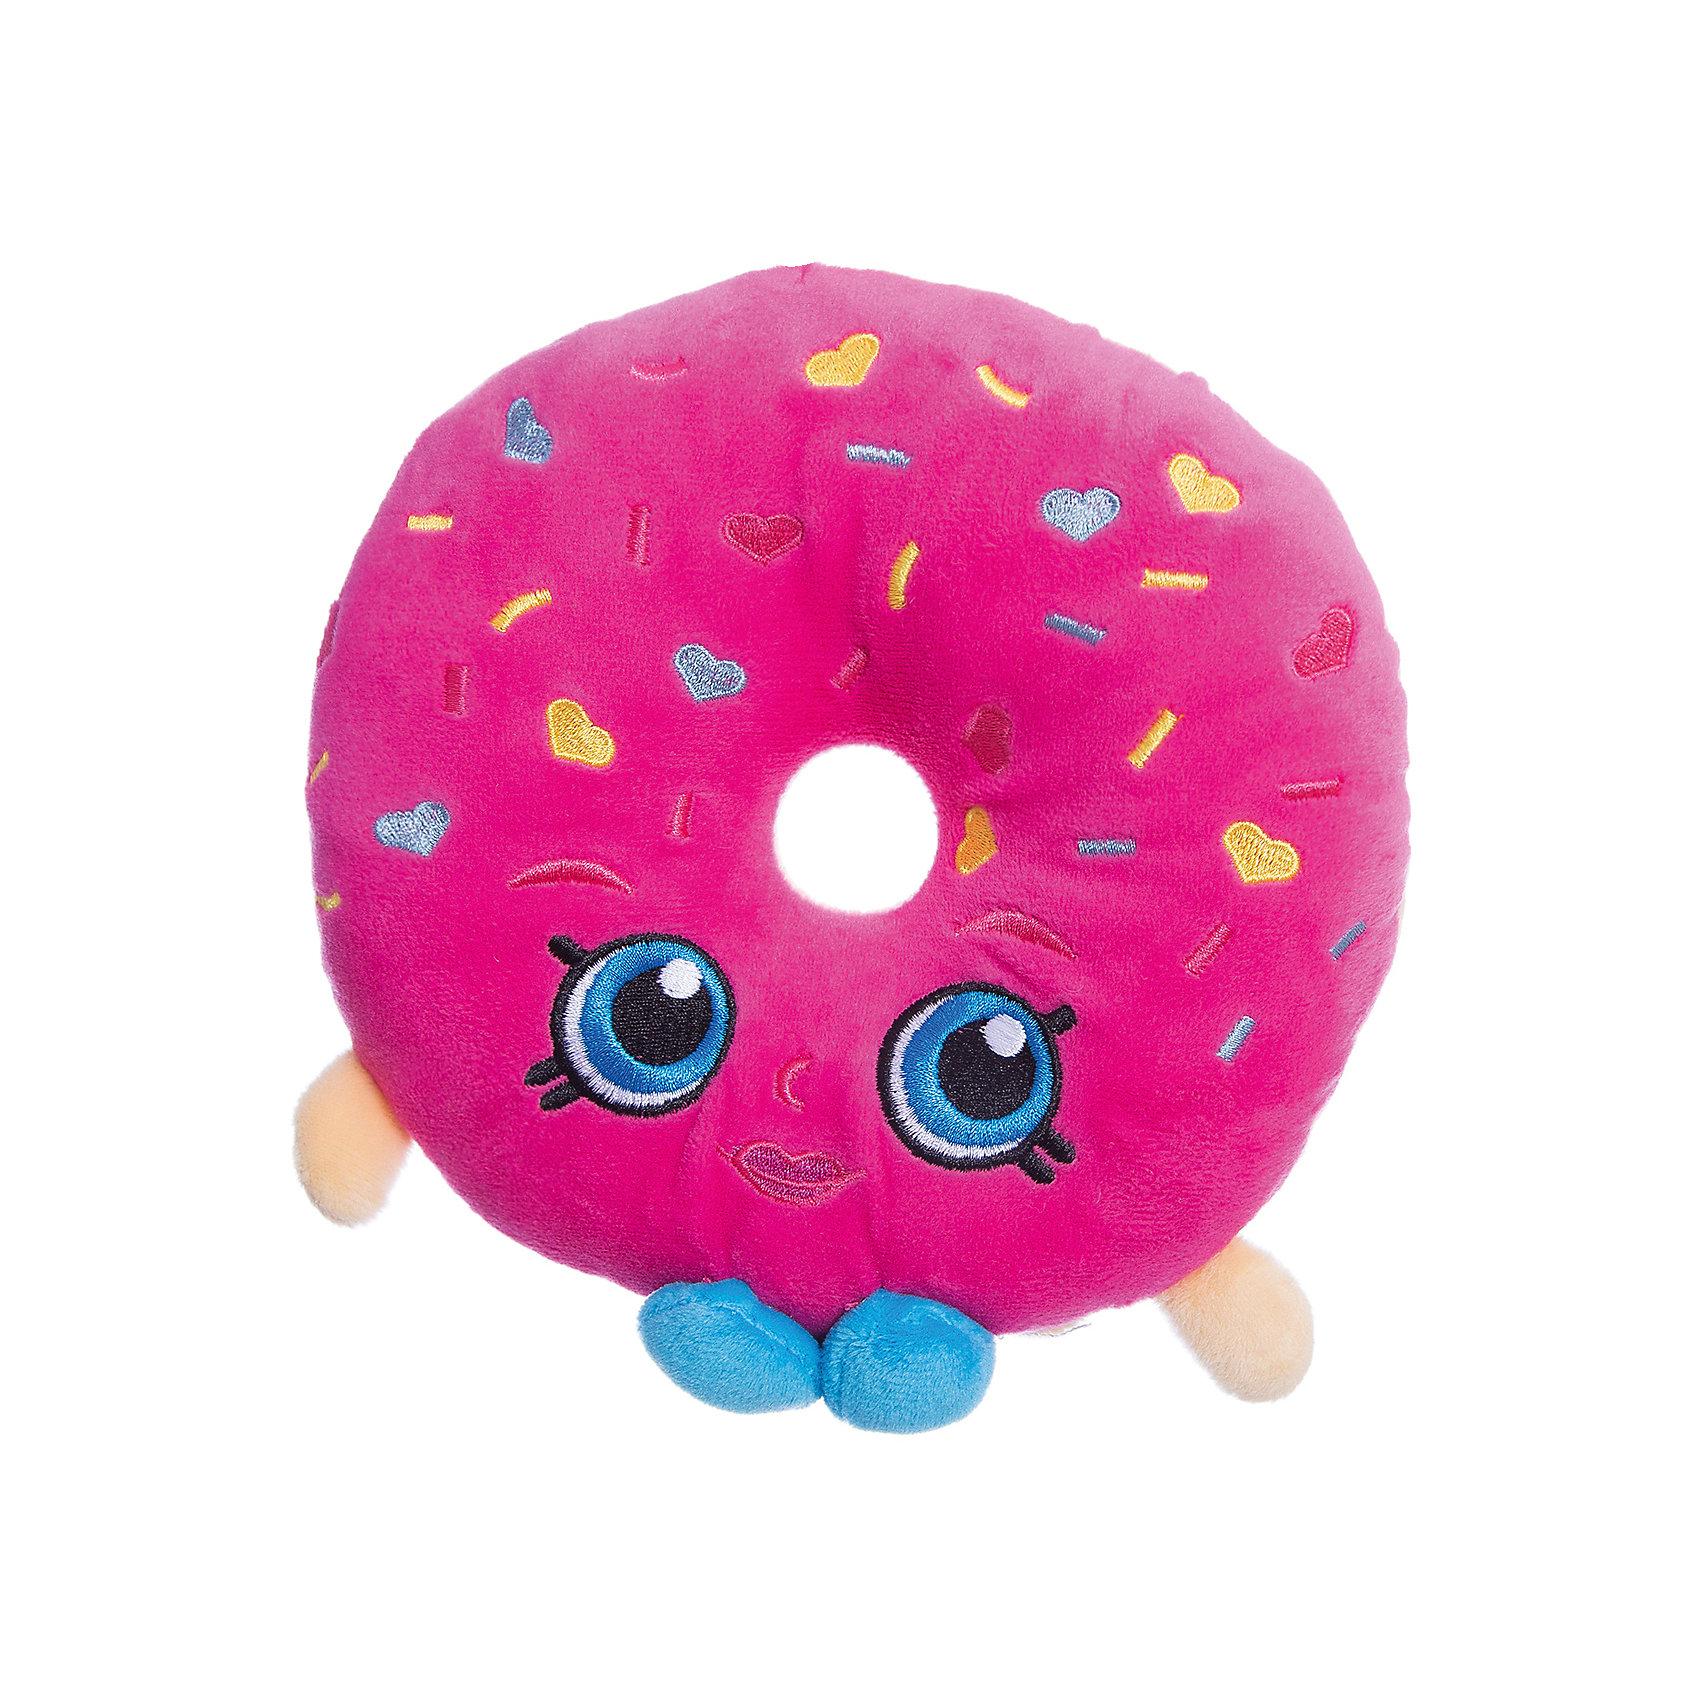 Мягкая игрушка Пончик Делиш, 20см, ShopkinsShopkins<br>Характеристики:<br><br>• размер игрушки: 20 см;<br>• материал: плюш;<br>• наполнитель: синтепон;<br>• декоративные элементы: вышивка;<br>• упаковка: ПВХ-пакет.<br><br>Плюшевая коллекционная игрушка Шопкинс создана по мотивам мультсериала для детей. Пончик Делиш с огромными голубыми глазами, личико - вышивка-аппликация, тельце мягконабивное. В процессе игры развивается воображение, речь, тактильное восприятие.<br><br>Мягкую игрушку Пончик Делиш, 20см, Shopkins можно купить в нашем магазине.<br><br>Ширина мм: 185<br>Глубина мм: 180<br>Высота мм: 50<br>Вес г: 90<br>Возраст от месяцев: 36<br>Возраст до месяцев: 2147483647<br>Пол: Женский<br>Возраст: Детский<br>SKU: 5247684